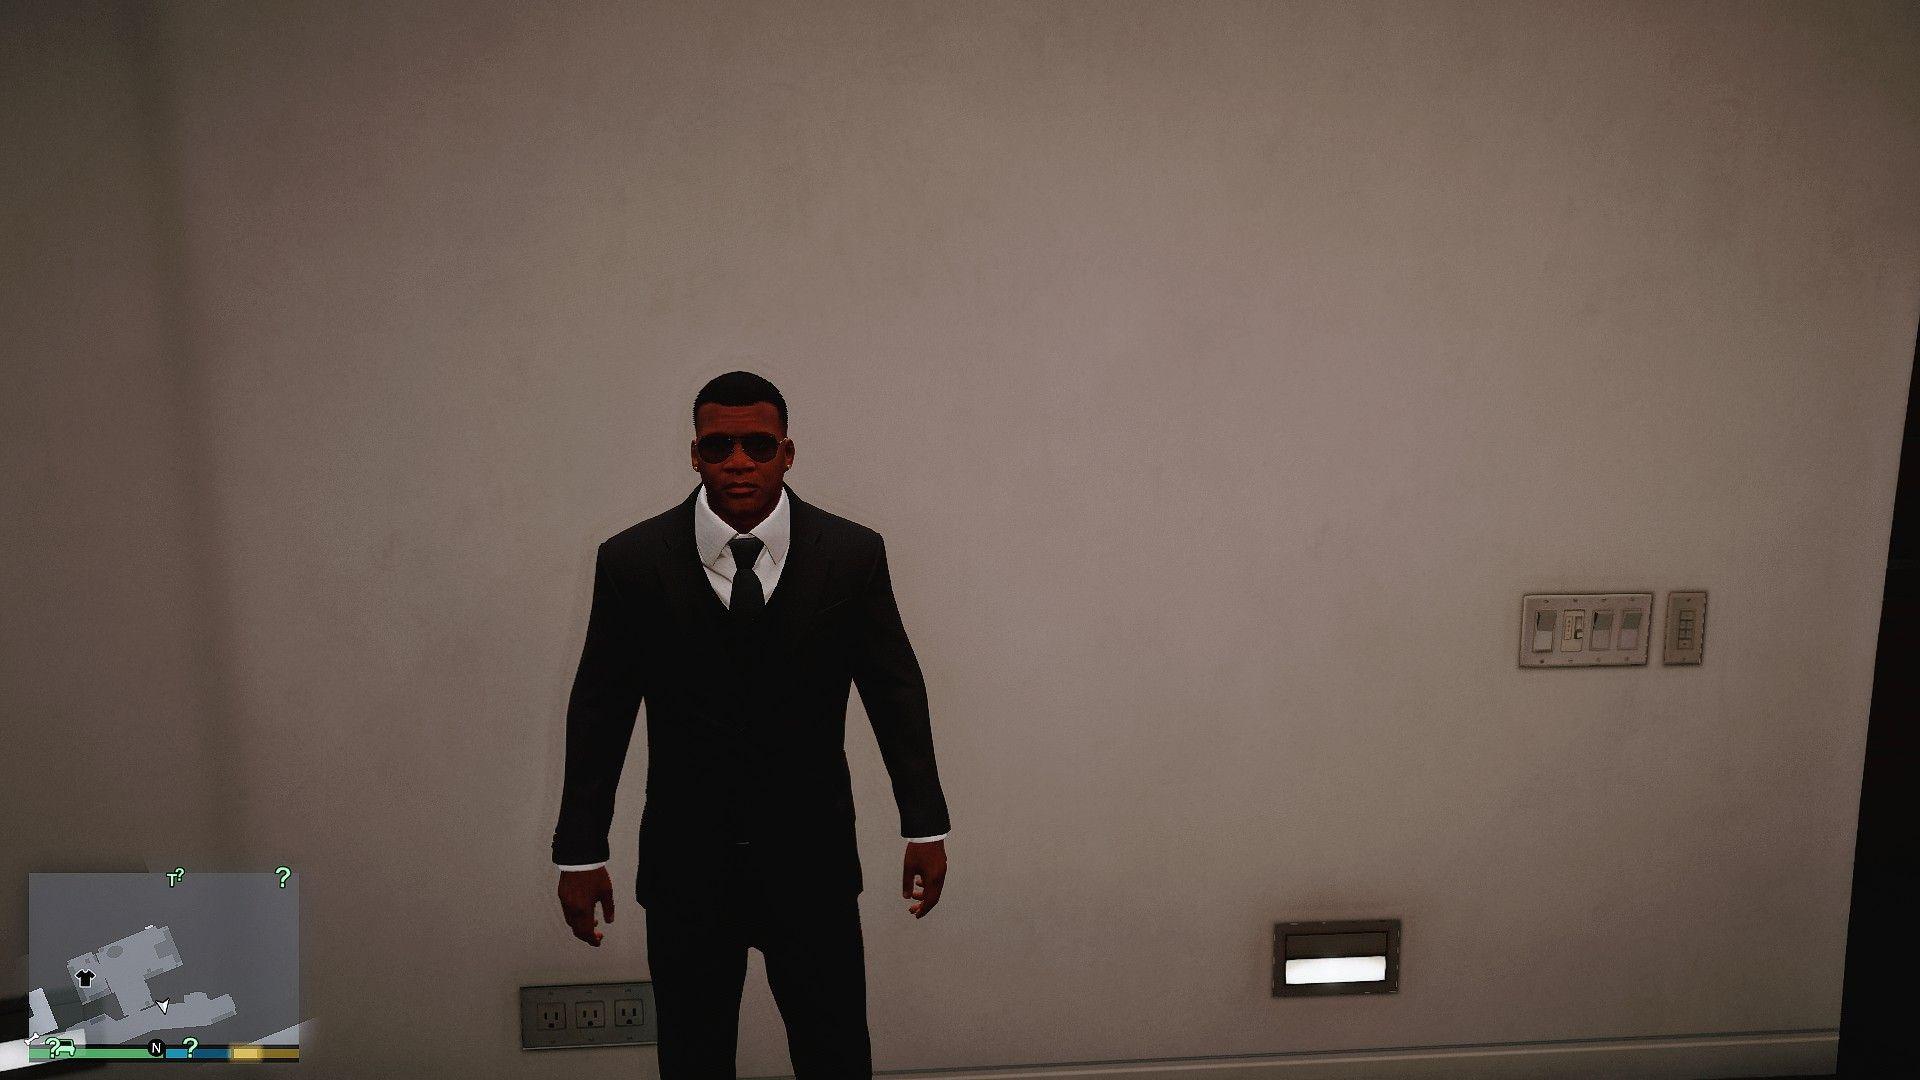 Men in Black Franklin #GrandTheftAutoV #GTAV #GTA5 #GrandTheftAuto #GTA #GTAOnline #GrandTheftAuto5 #PS4 #games